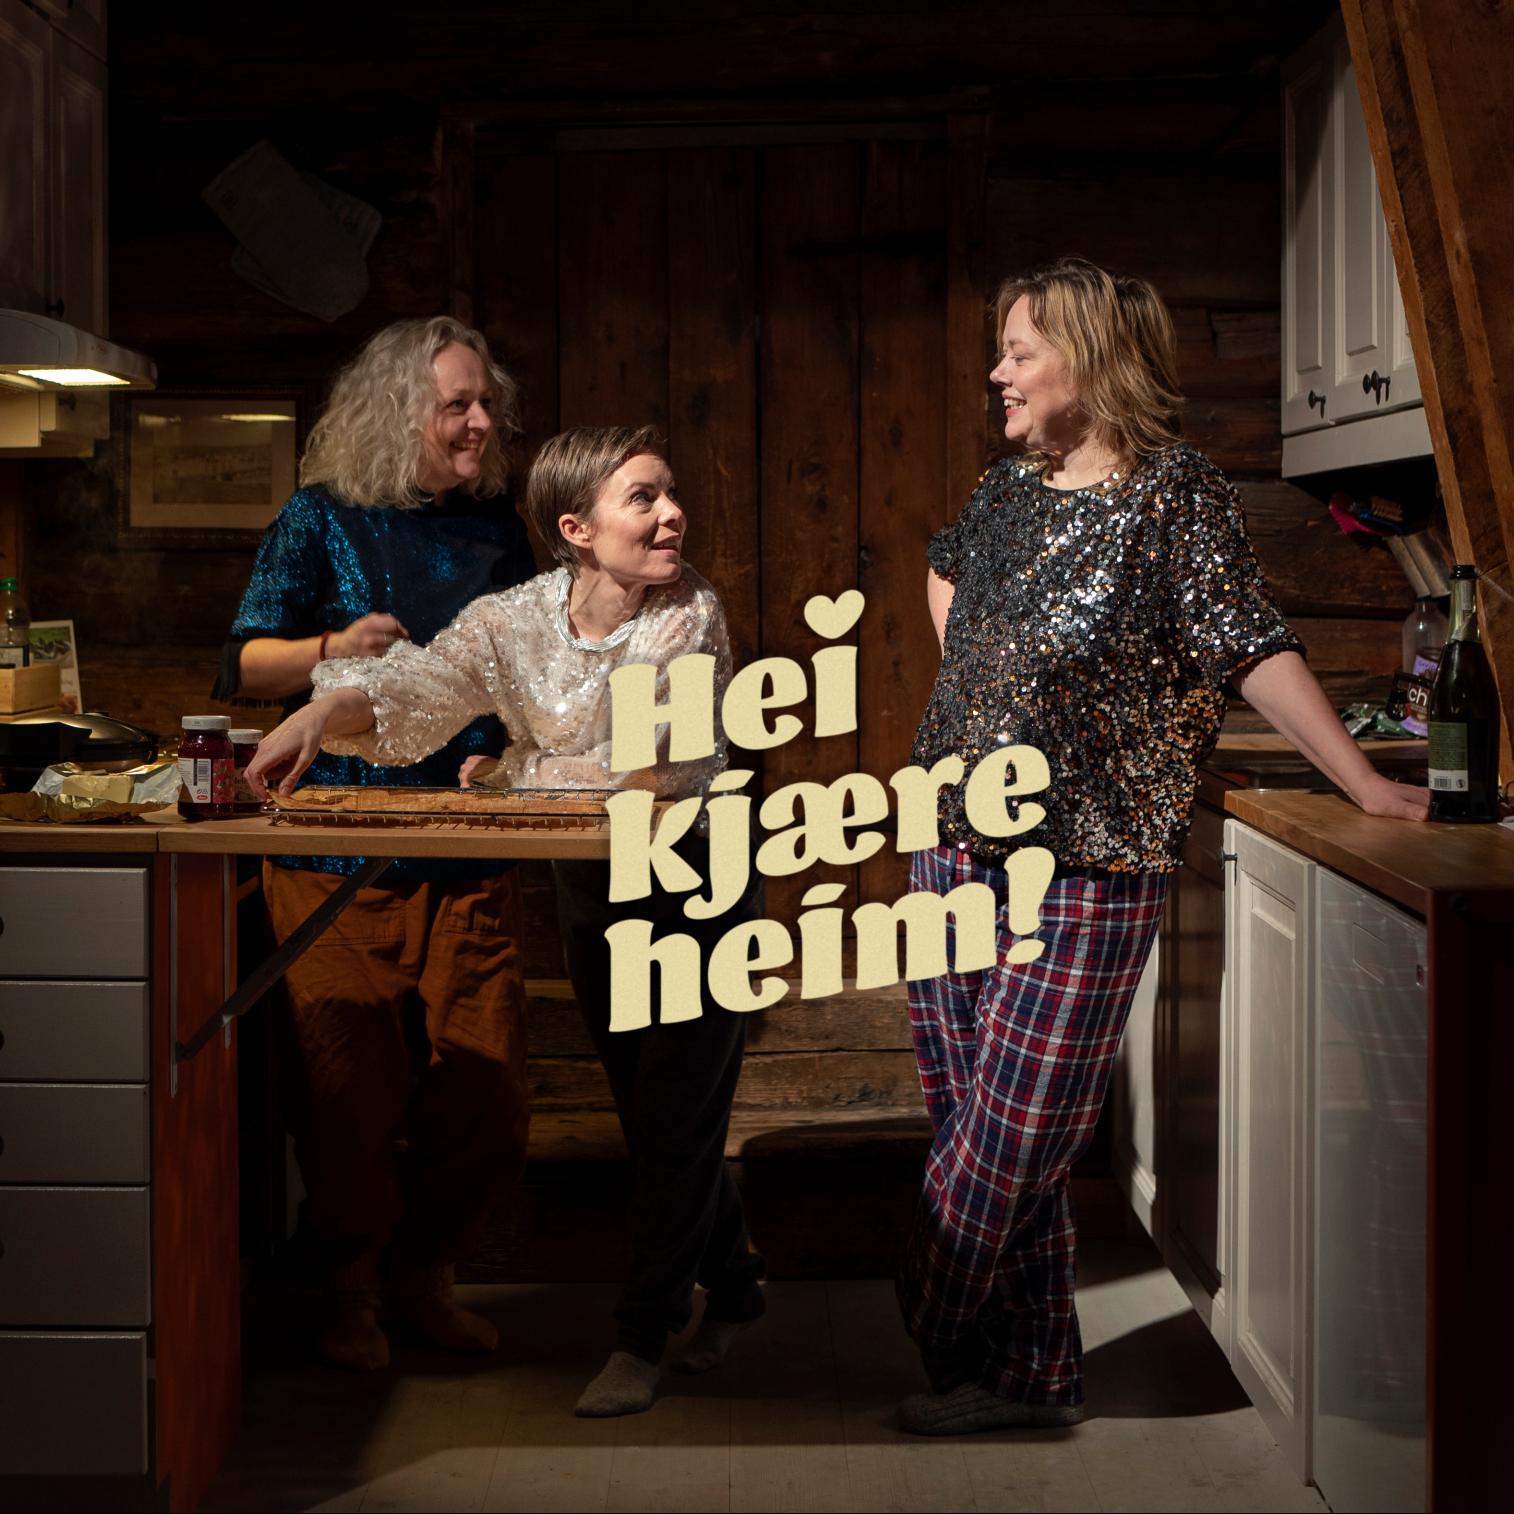 Turnéteatret i Trøndelag i samarbeid med Trøndelag Teater: HEI KJÆRE HEIM